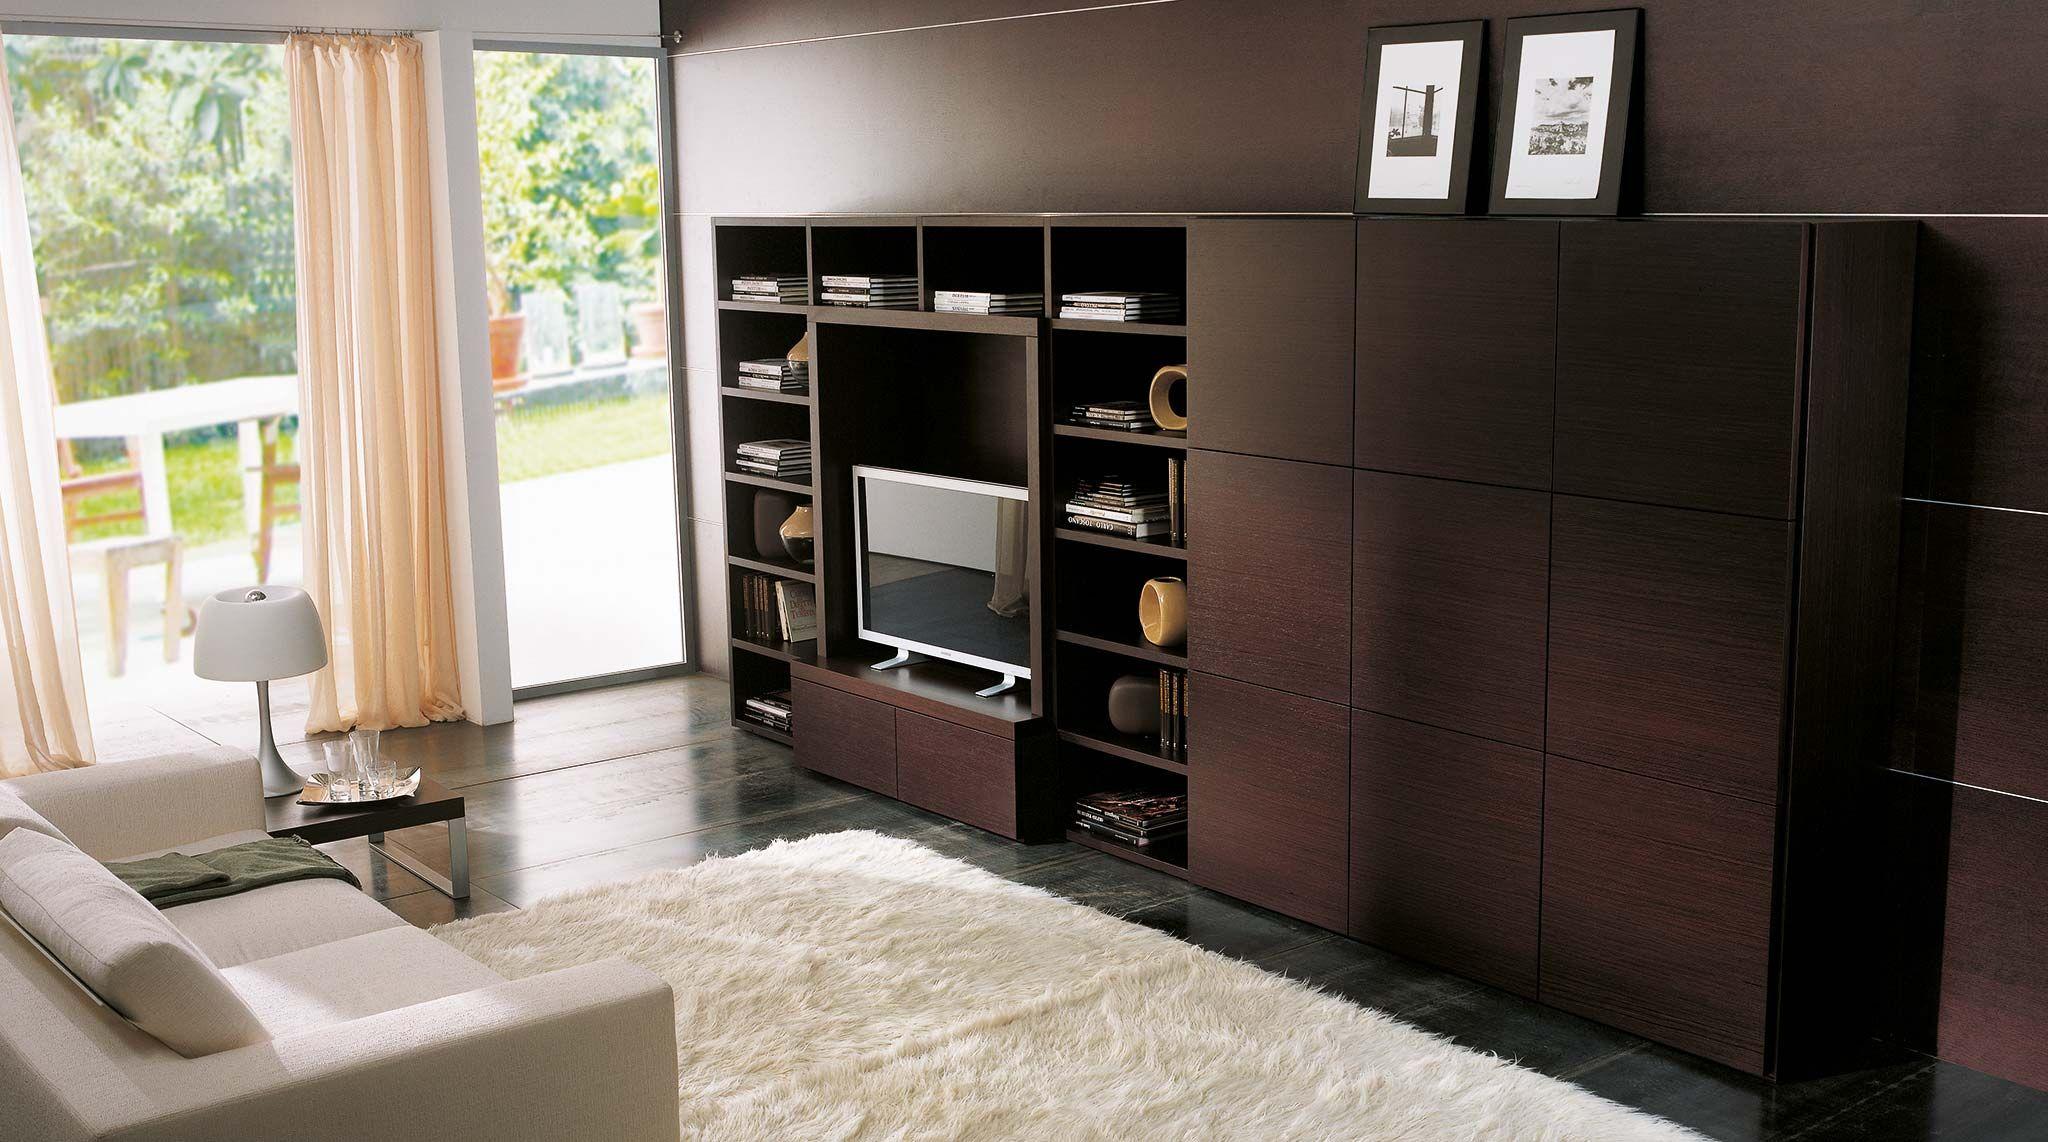 Vendita Librerie In Legno.Libreria In Legno Componibile Wood Design Arredamento E Mobili